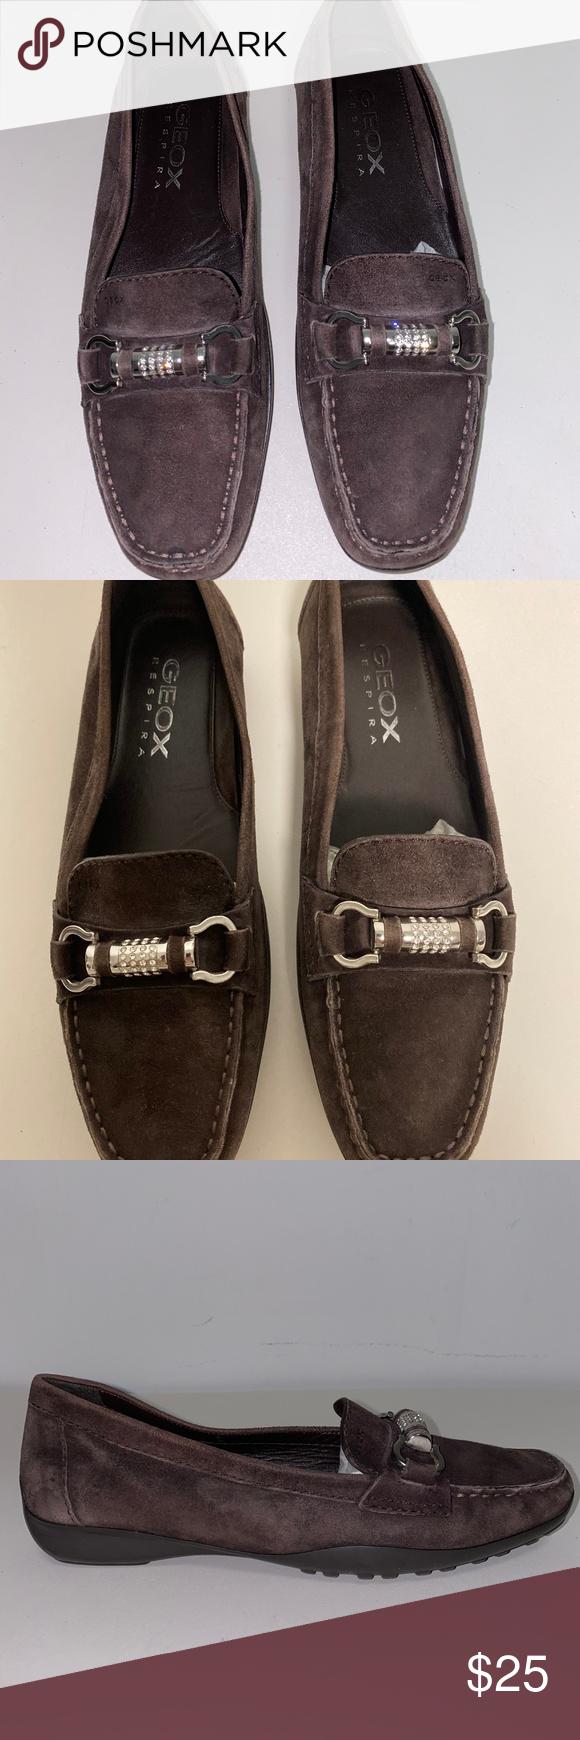 De ninguna manera Sudán Cambio  Geox Shoes Size 38,5 in 2020 | Geox shoes, Shoes, Flat shoes women